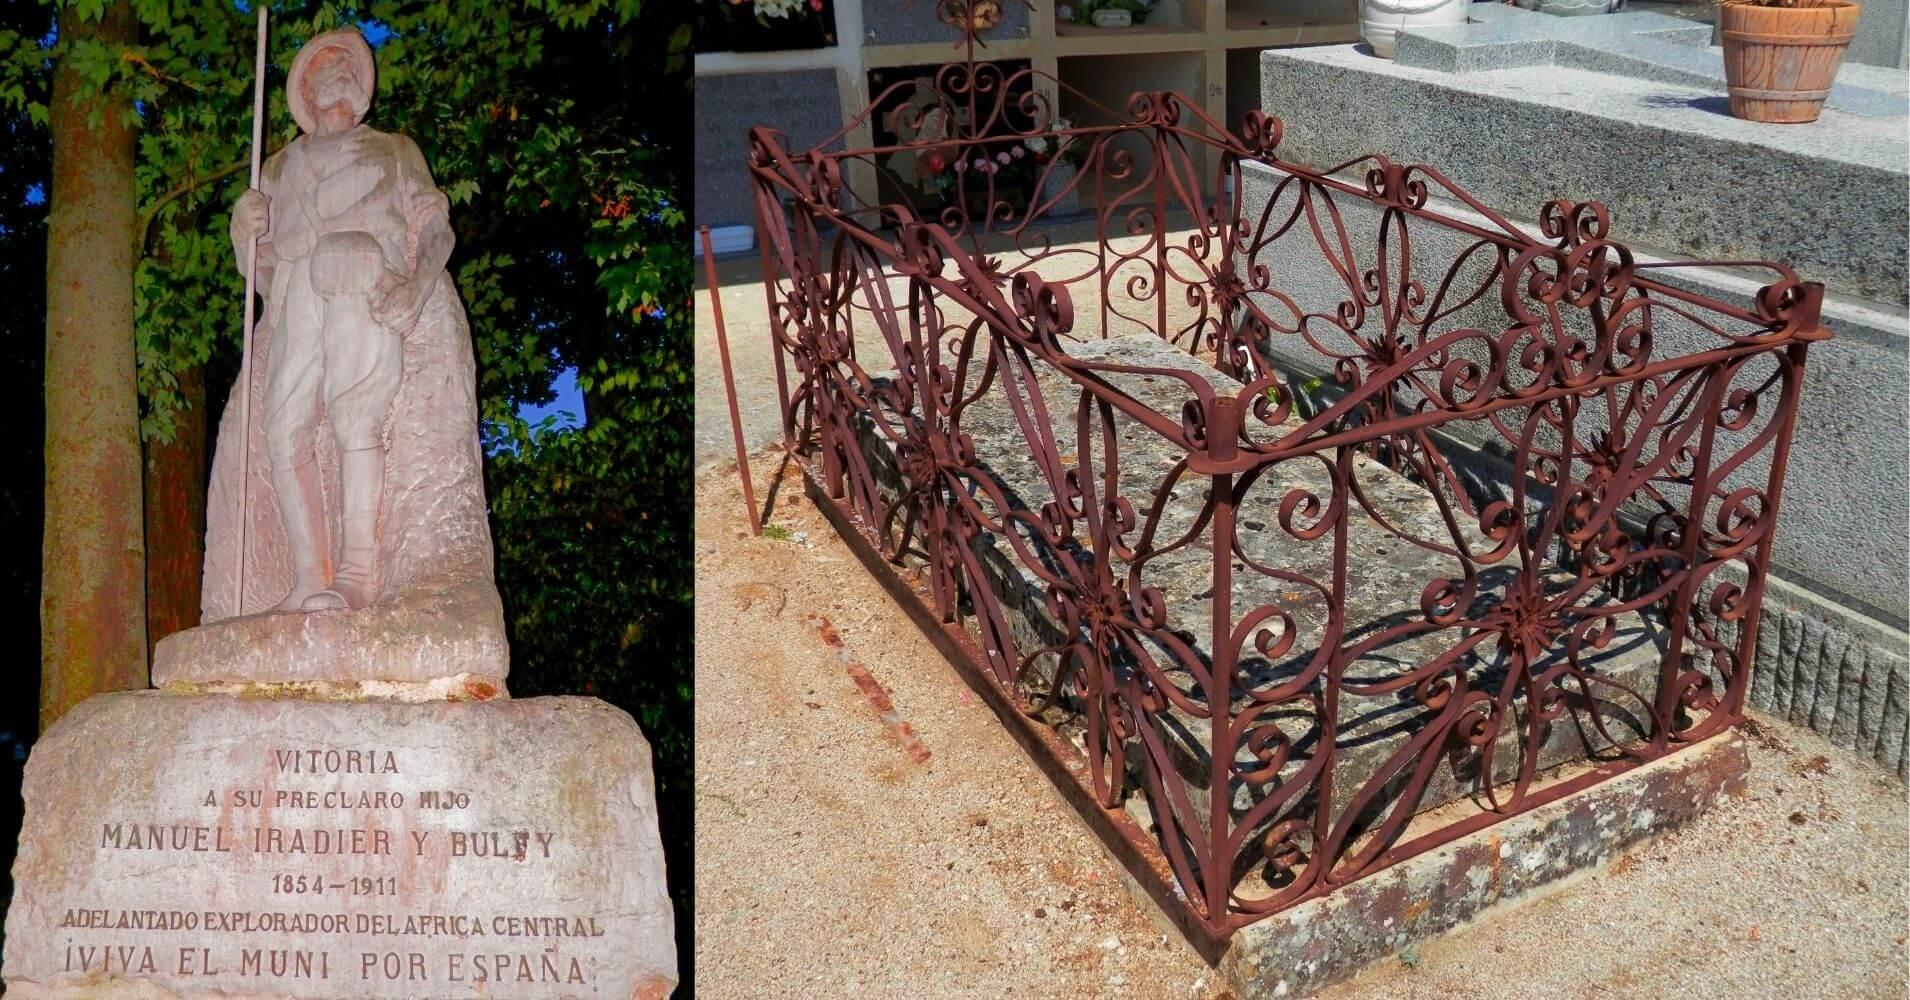 Estatua a Manuel Iradier y Bulfi en Paseo Florida de Vitoria-Gasteiz y Cementerio de Valsaín. Segovia. Castilla y León.